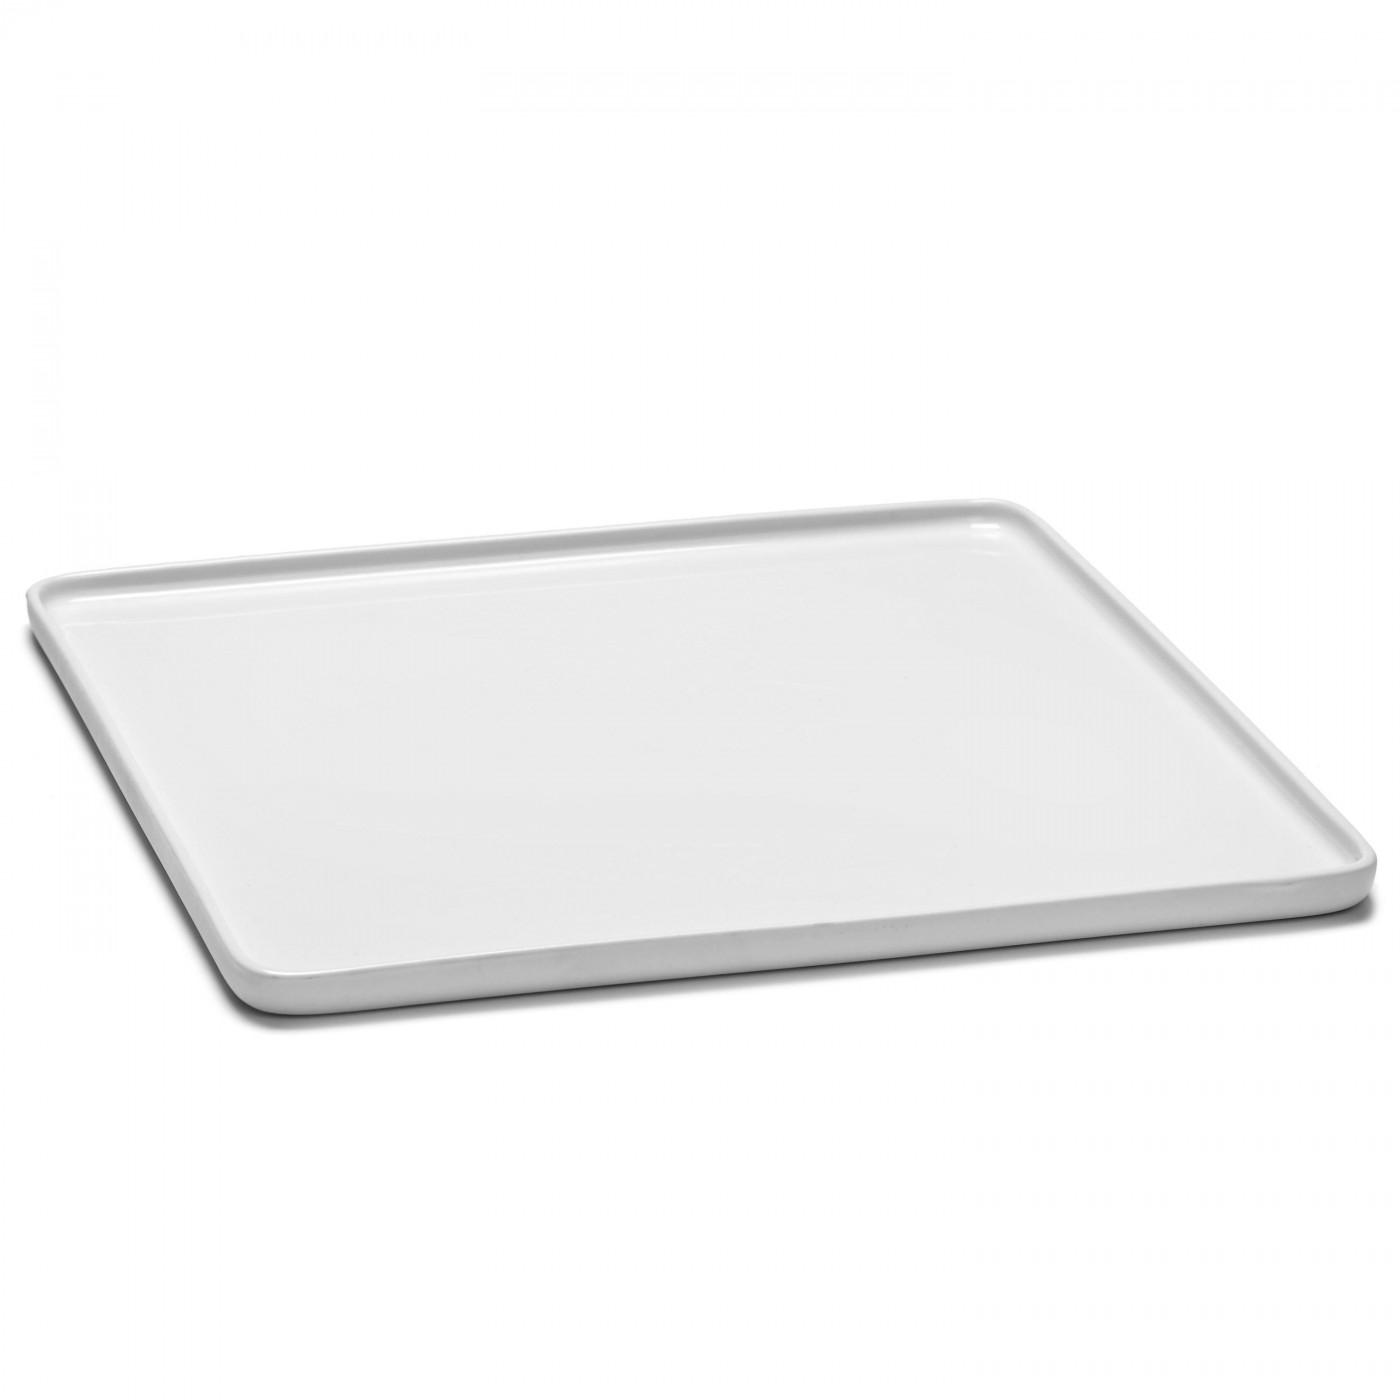 Assiette carrée en porcelaine blanche 28x28cm